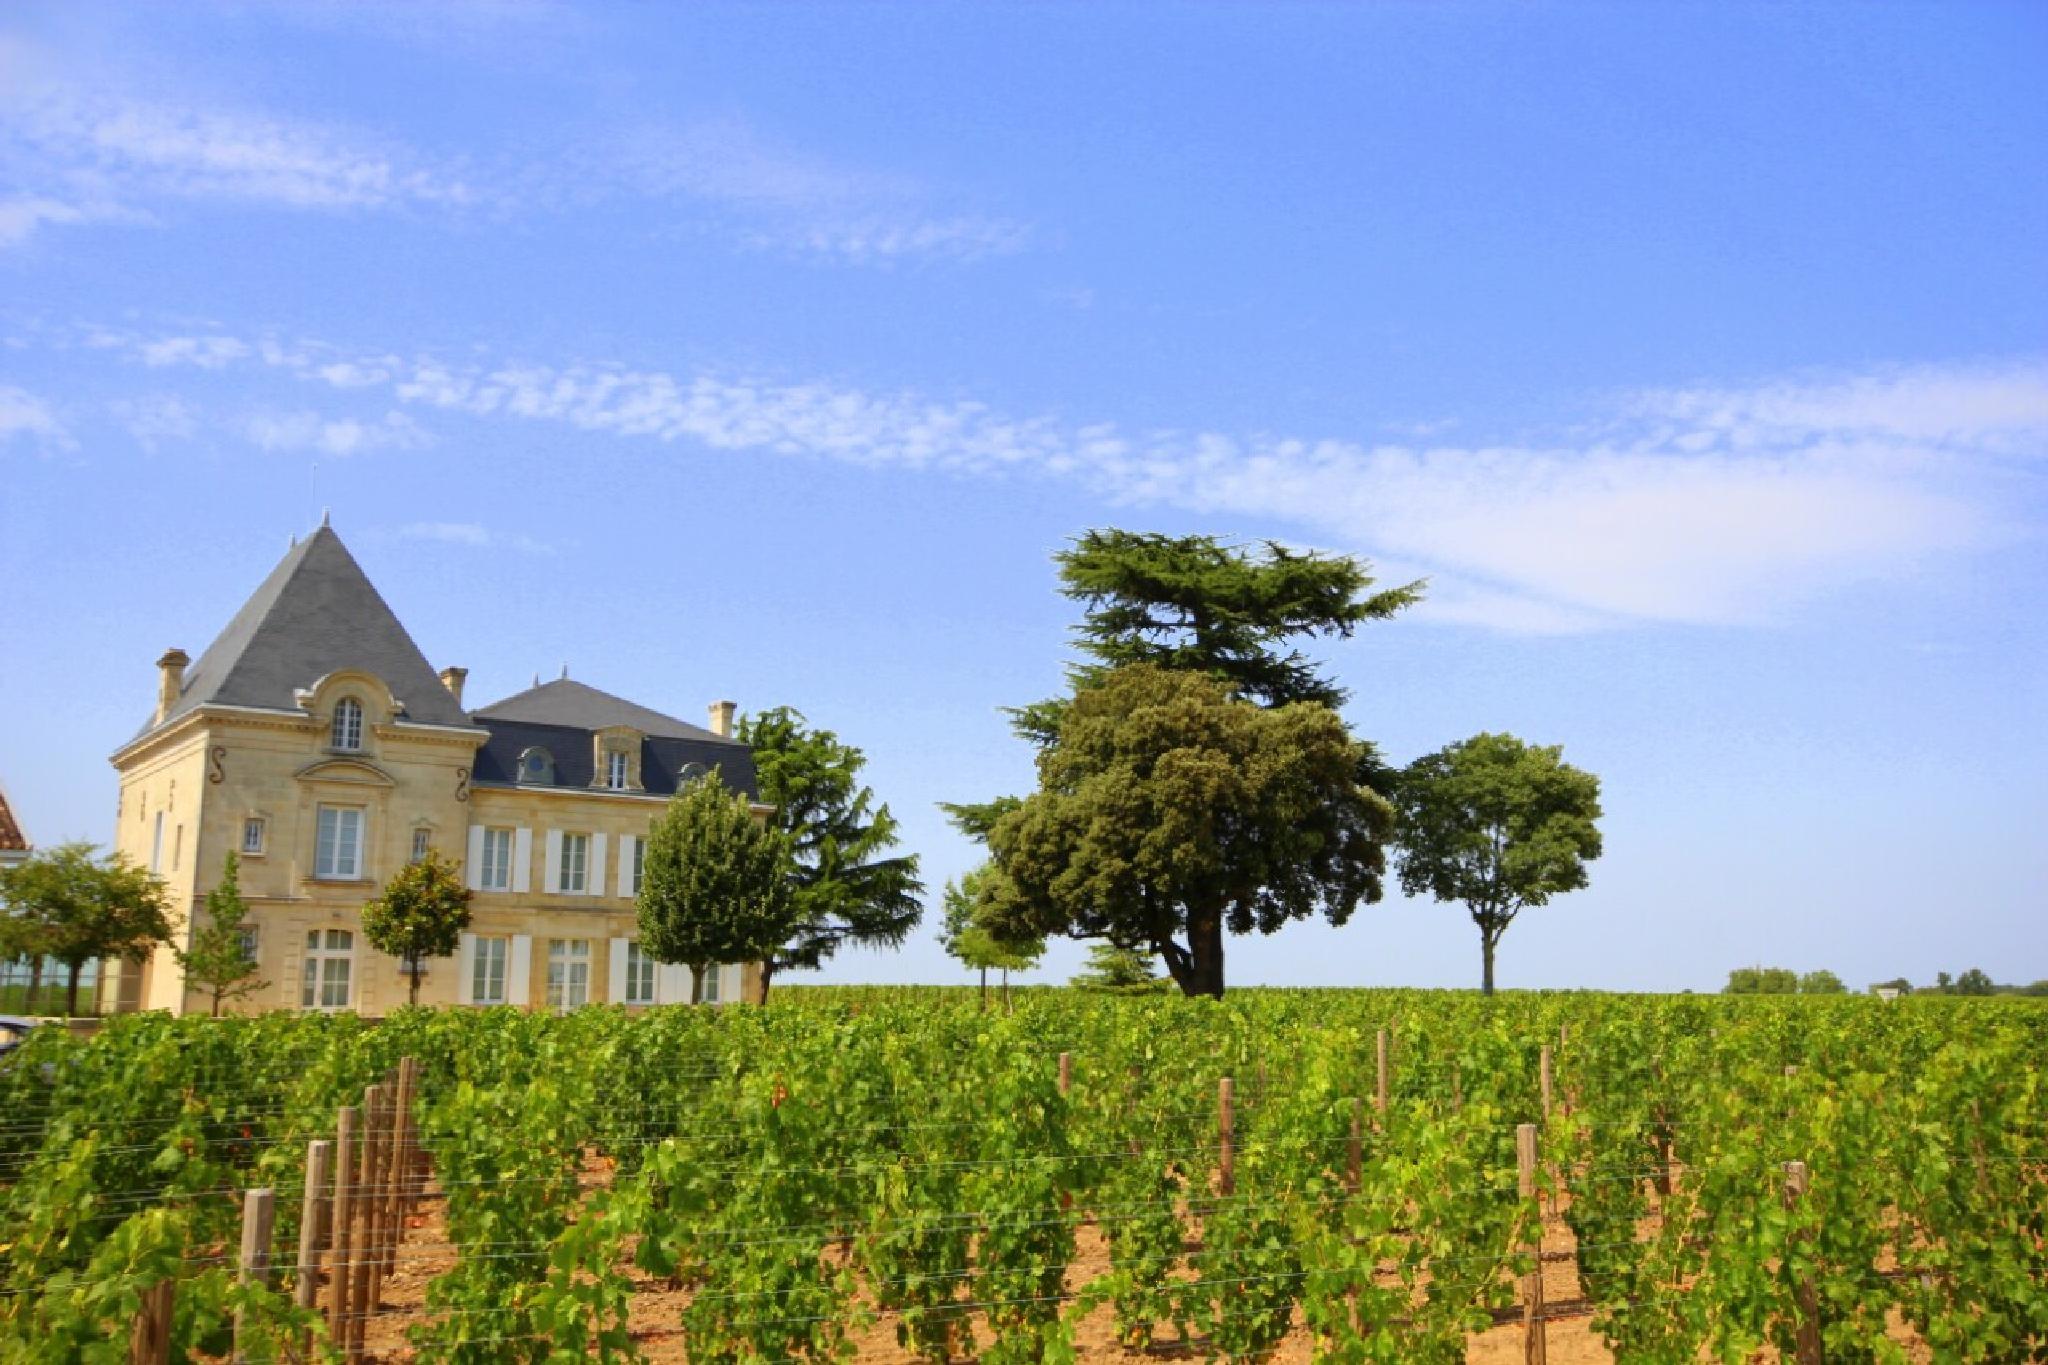 French Vineyard by danlandry69